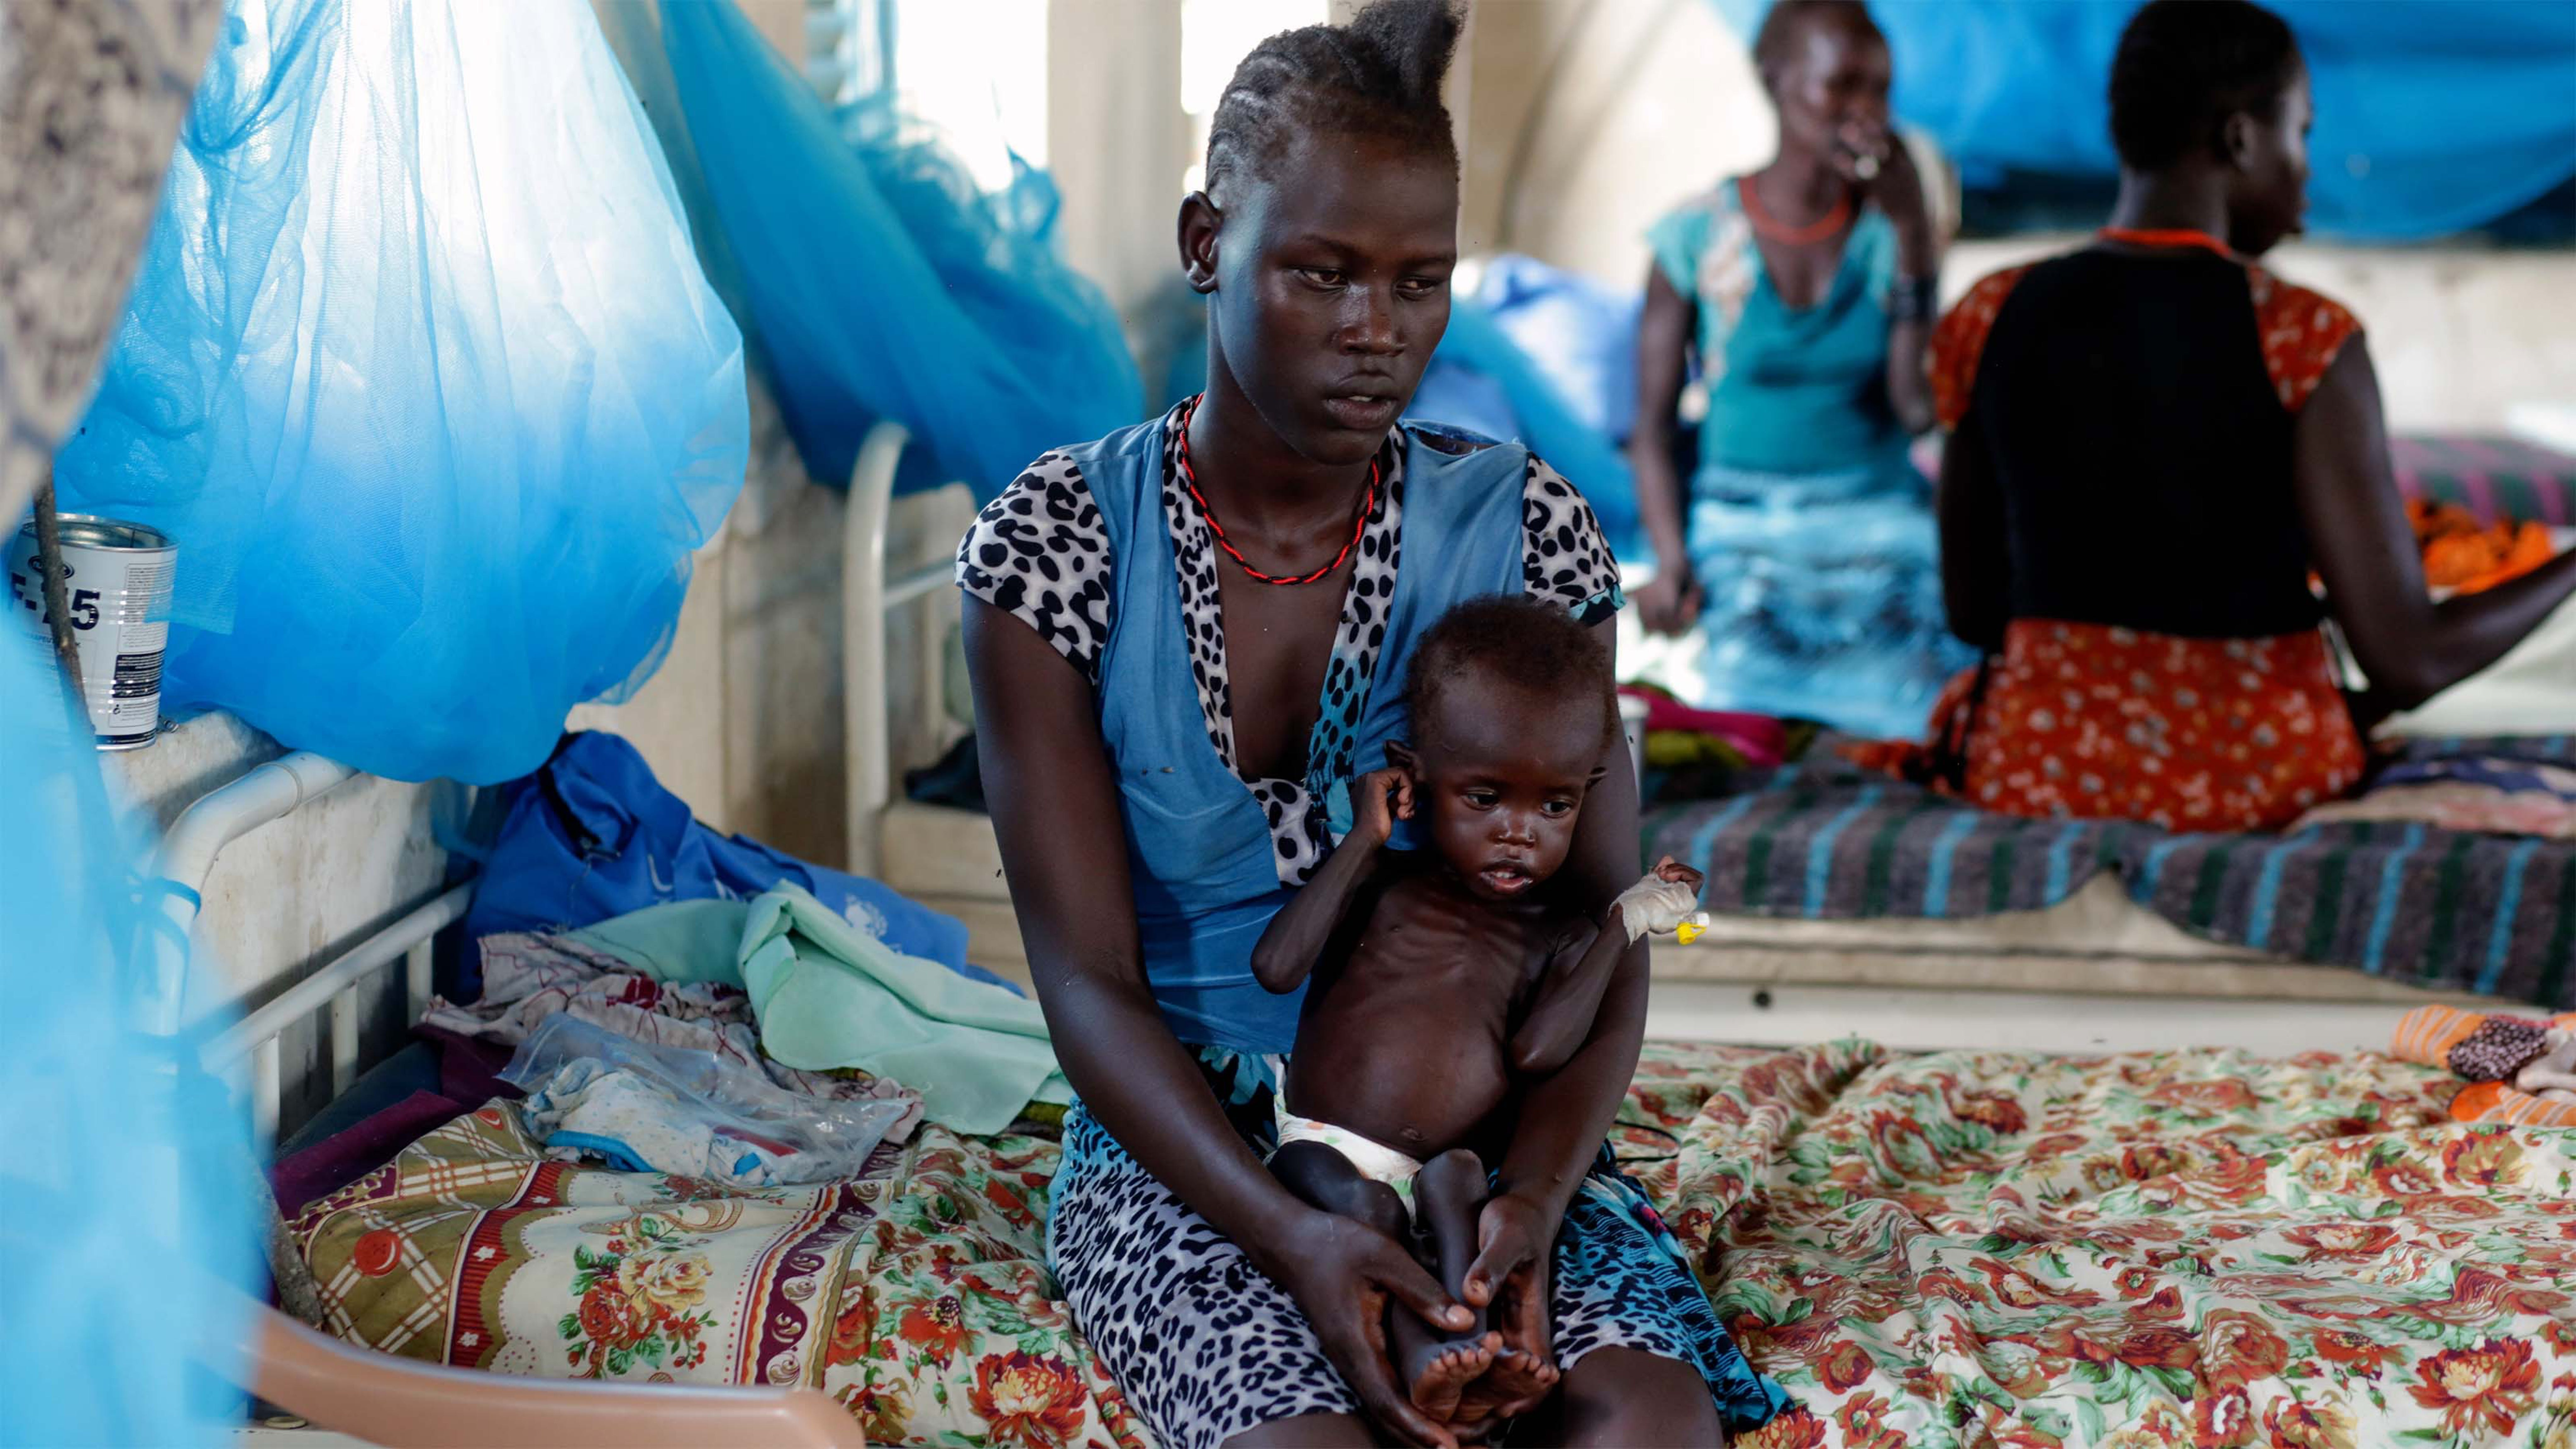 Sud Sudan, 2015. Una mamma con il suo bambino, fuggiti dalla loro casa, sono in cura presso l'ospedale di Pibor